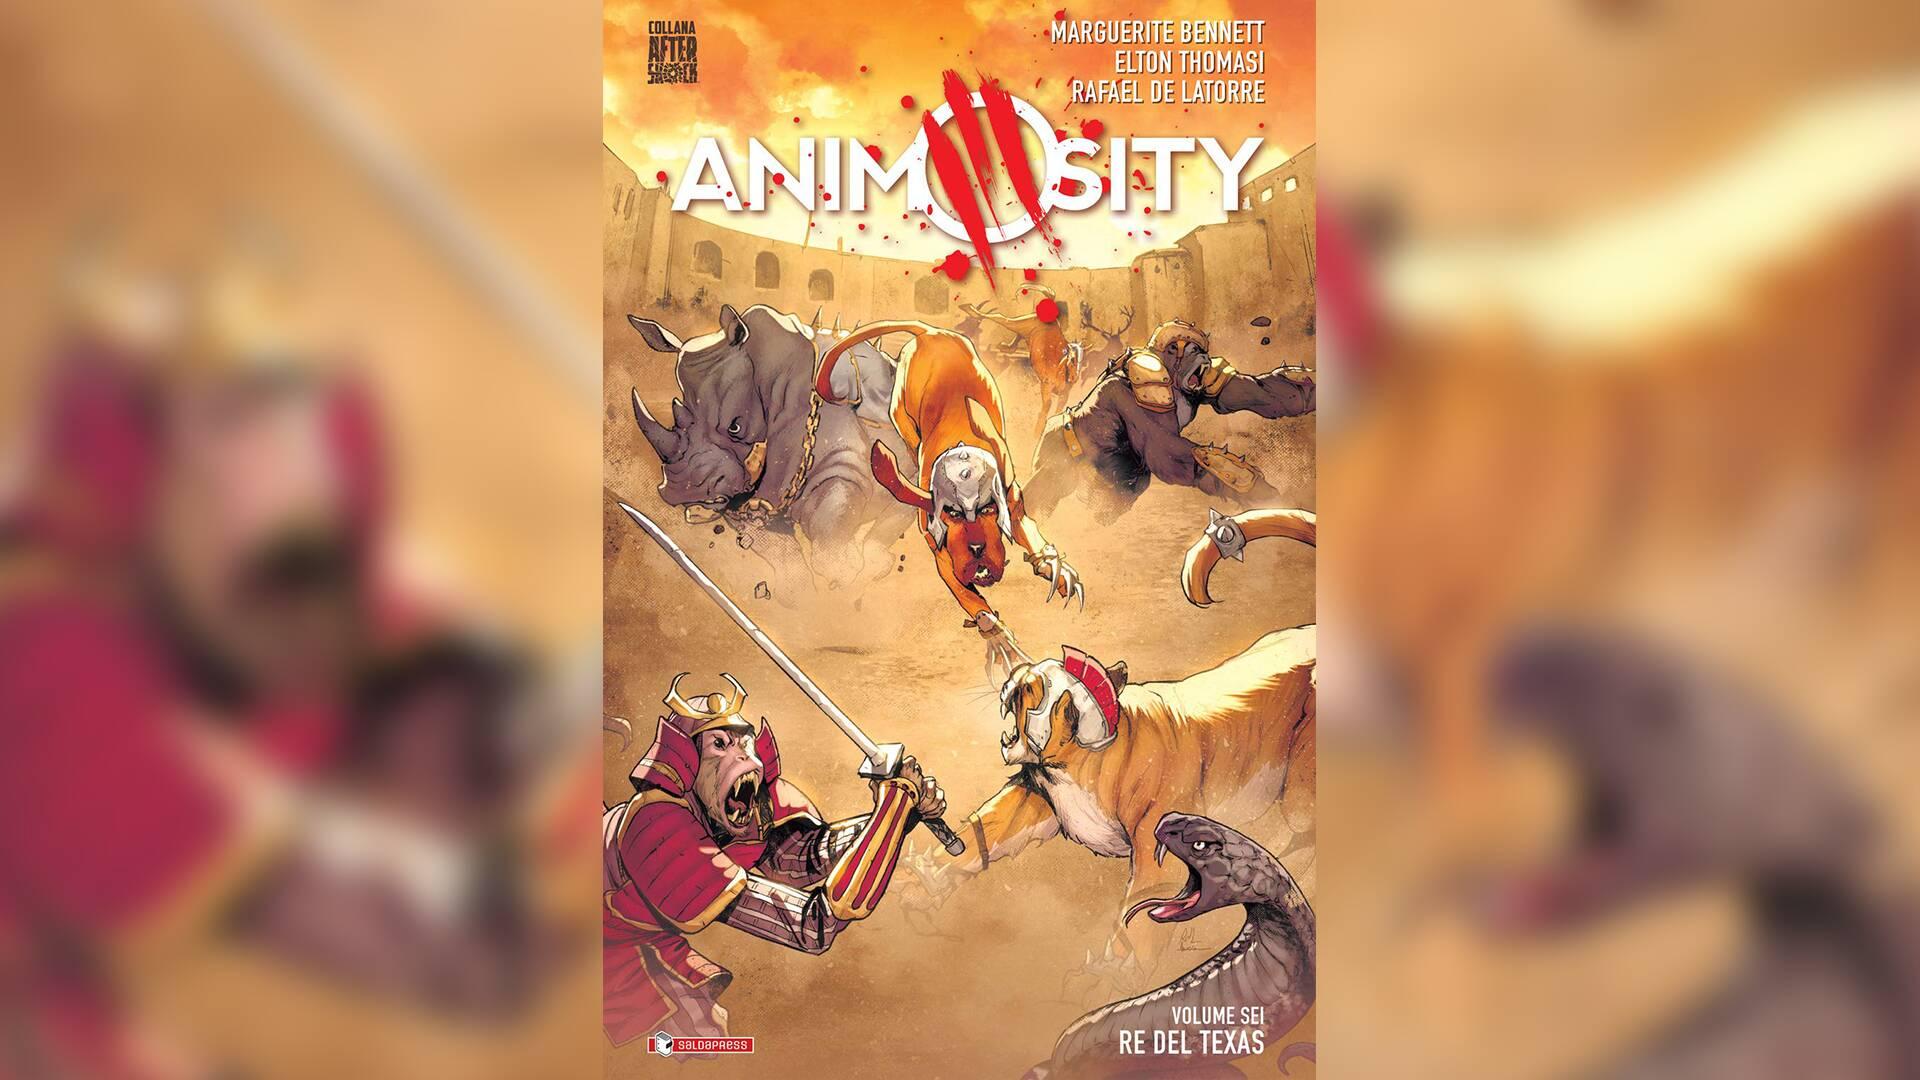 Animosity Vol. 6 – Re del Texas